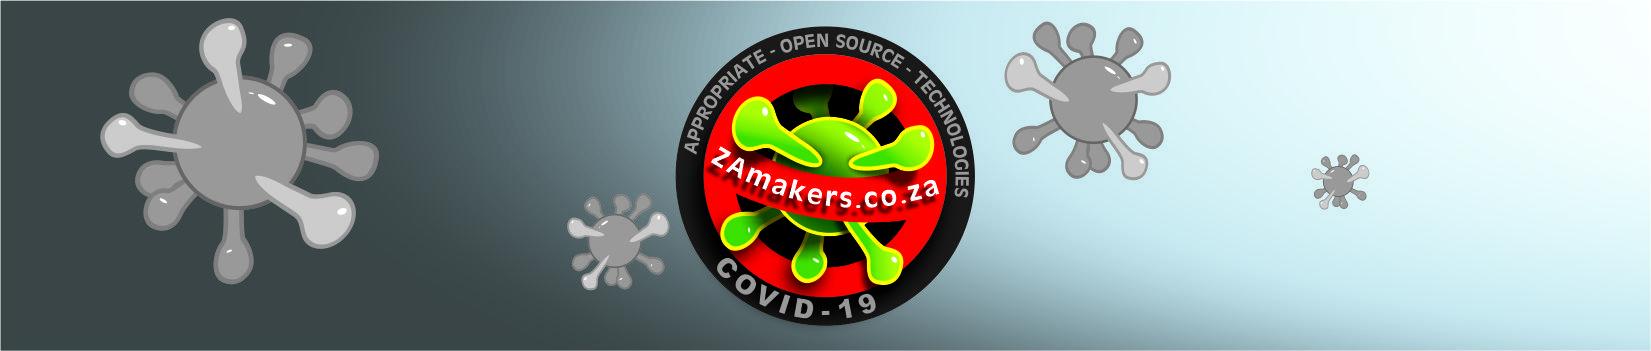 ZAmakers